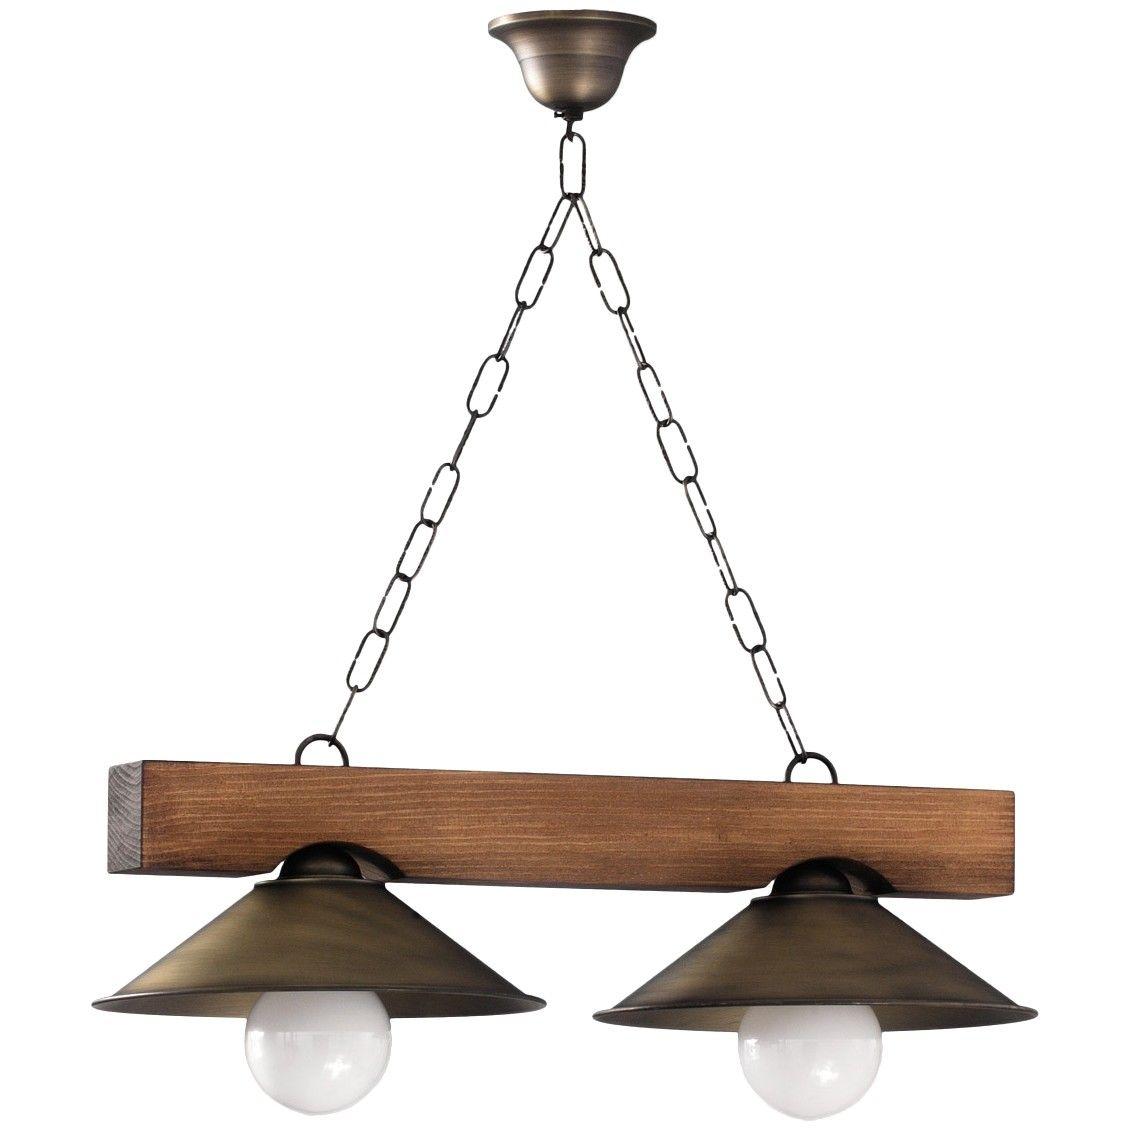 L mpara de techo r stica viga de madera 2 luces for Lamparas cocinas rusticas